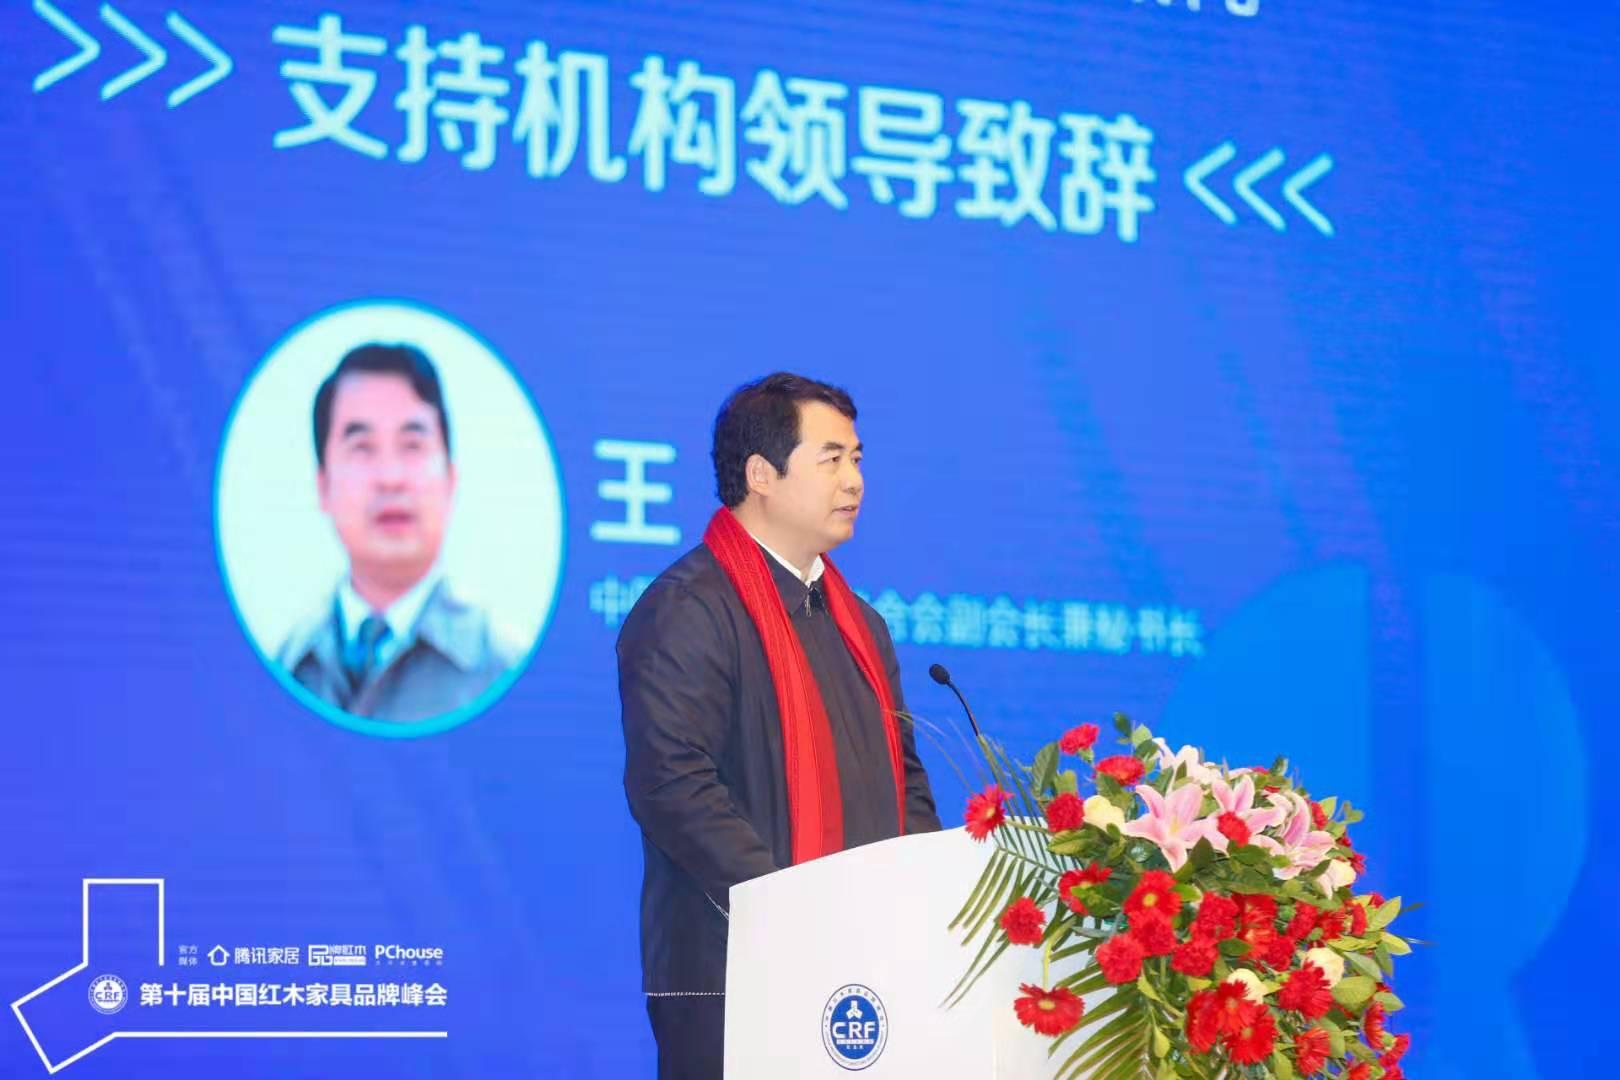 中国林业产业联合会副会长兼秘书长王满致辞